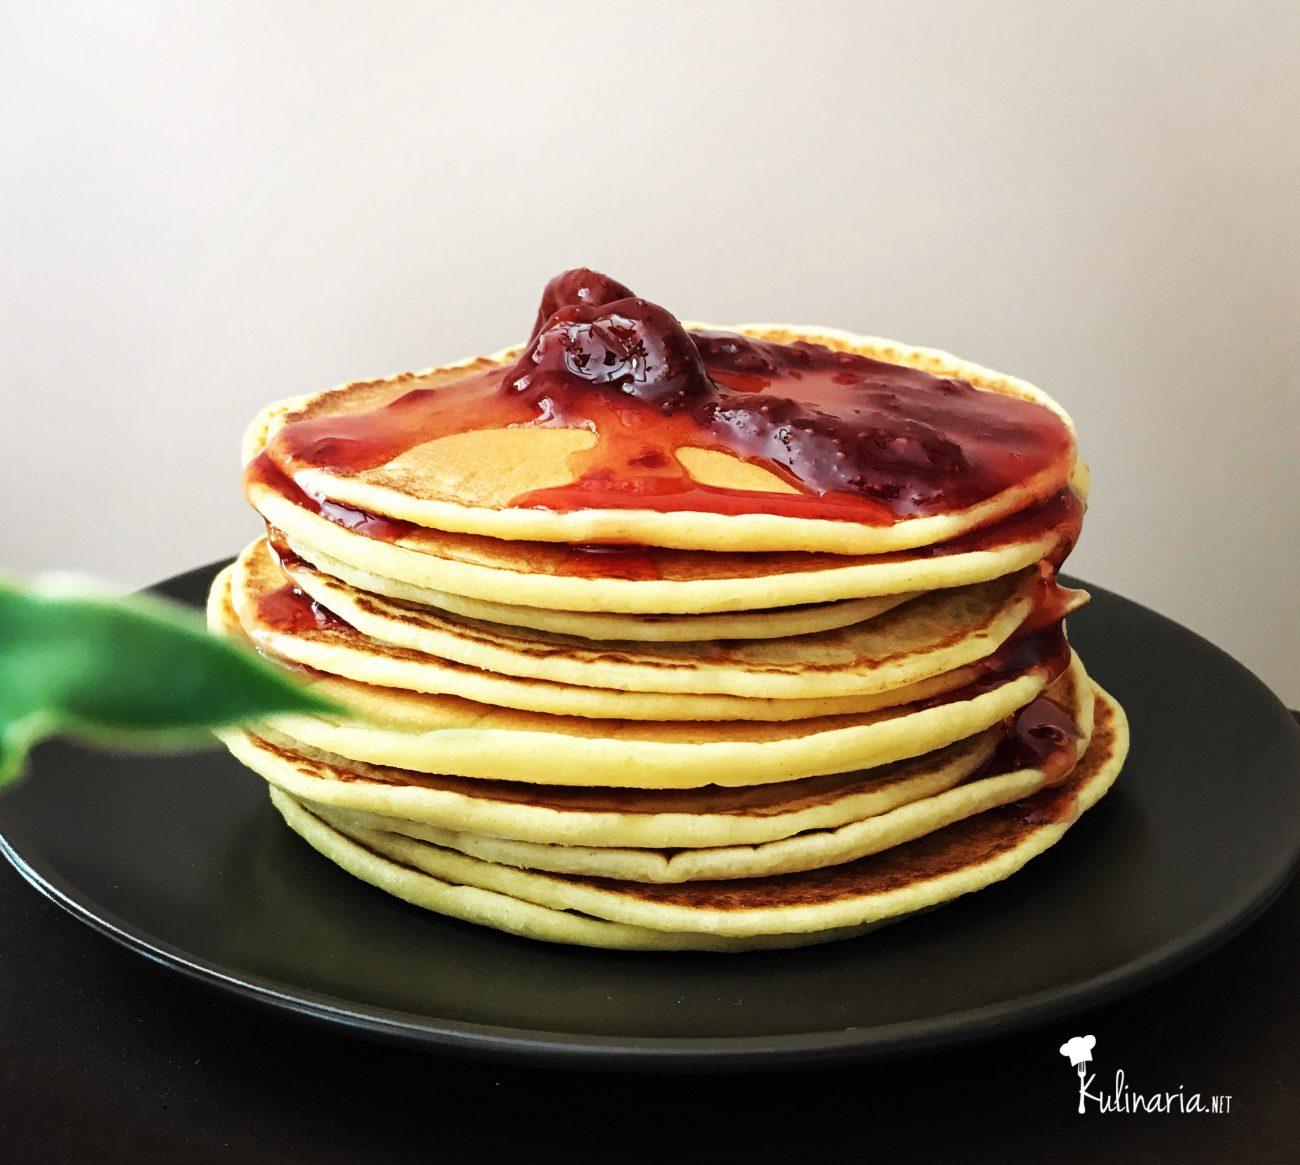 Американски палачинки (American pancakes)